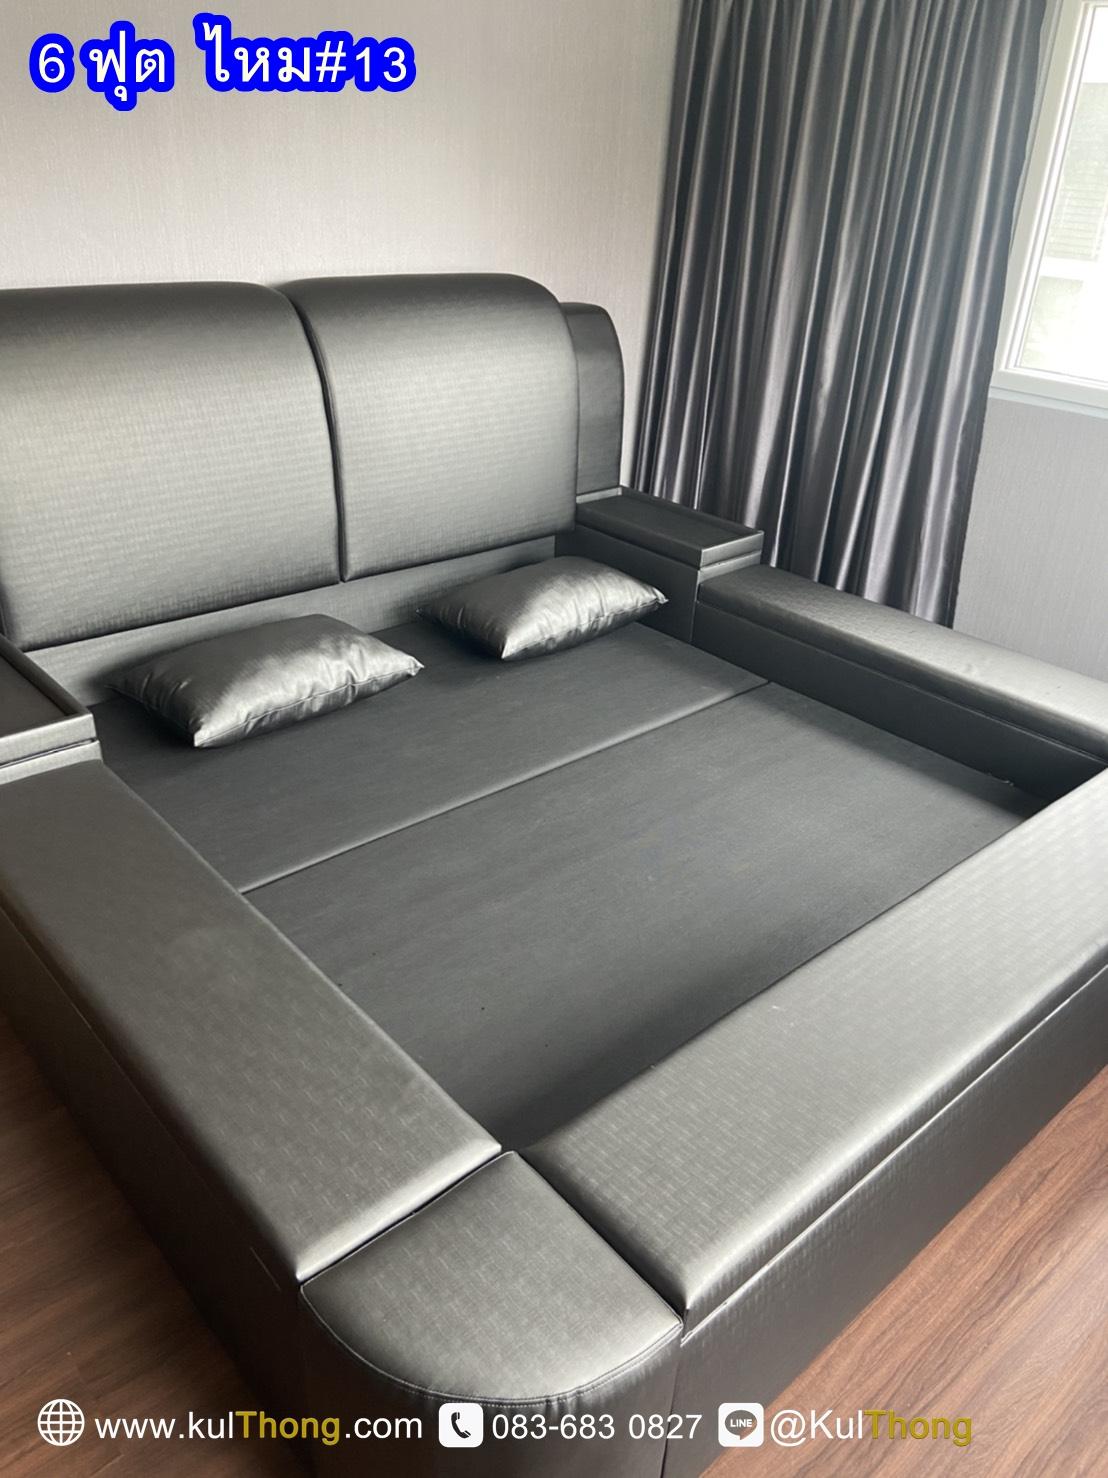 เตียงกล่อง เตียงมีที่เก็บของ เตียงมีฝาเปิด เตียงมีกล่อง